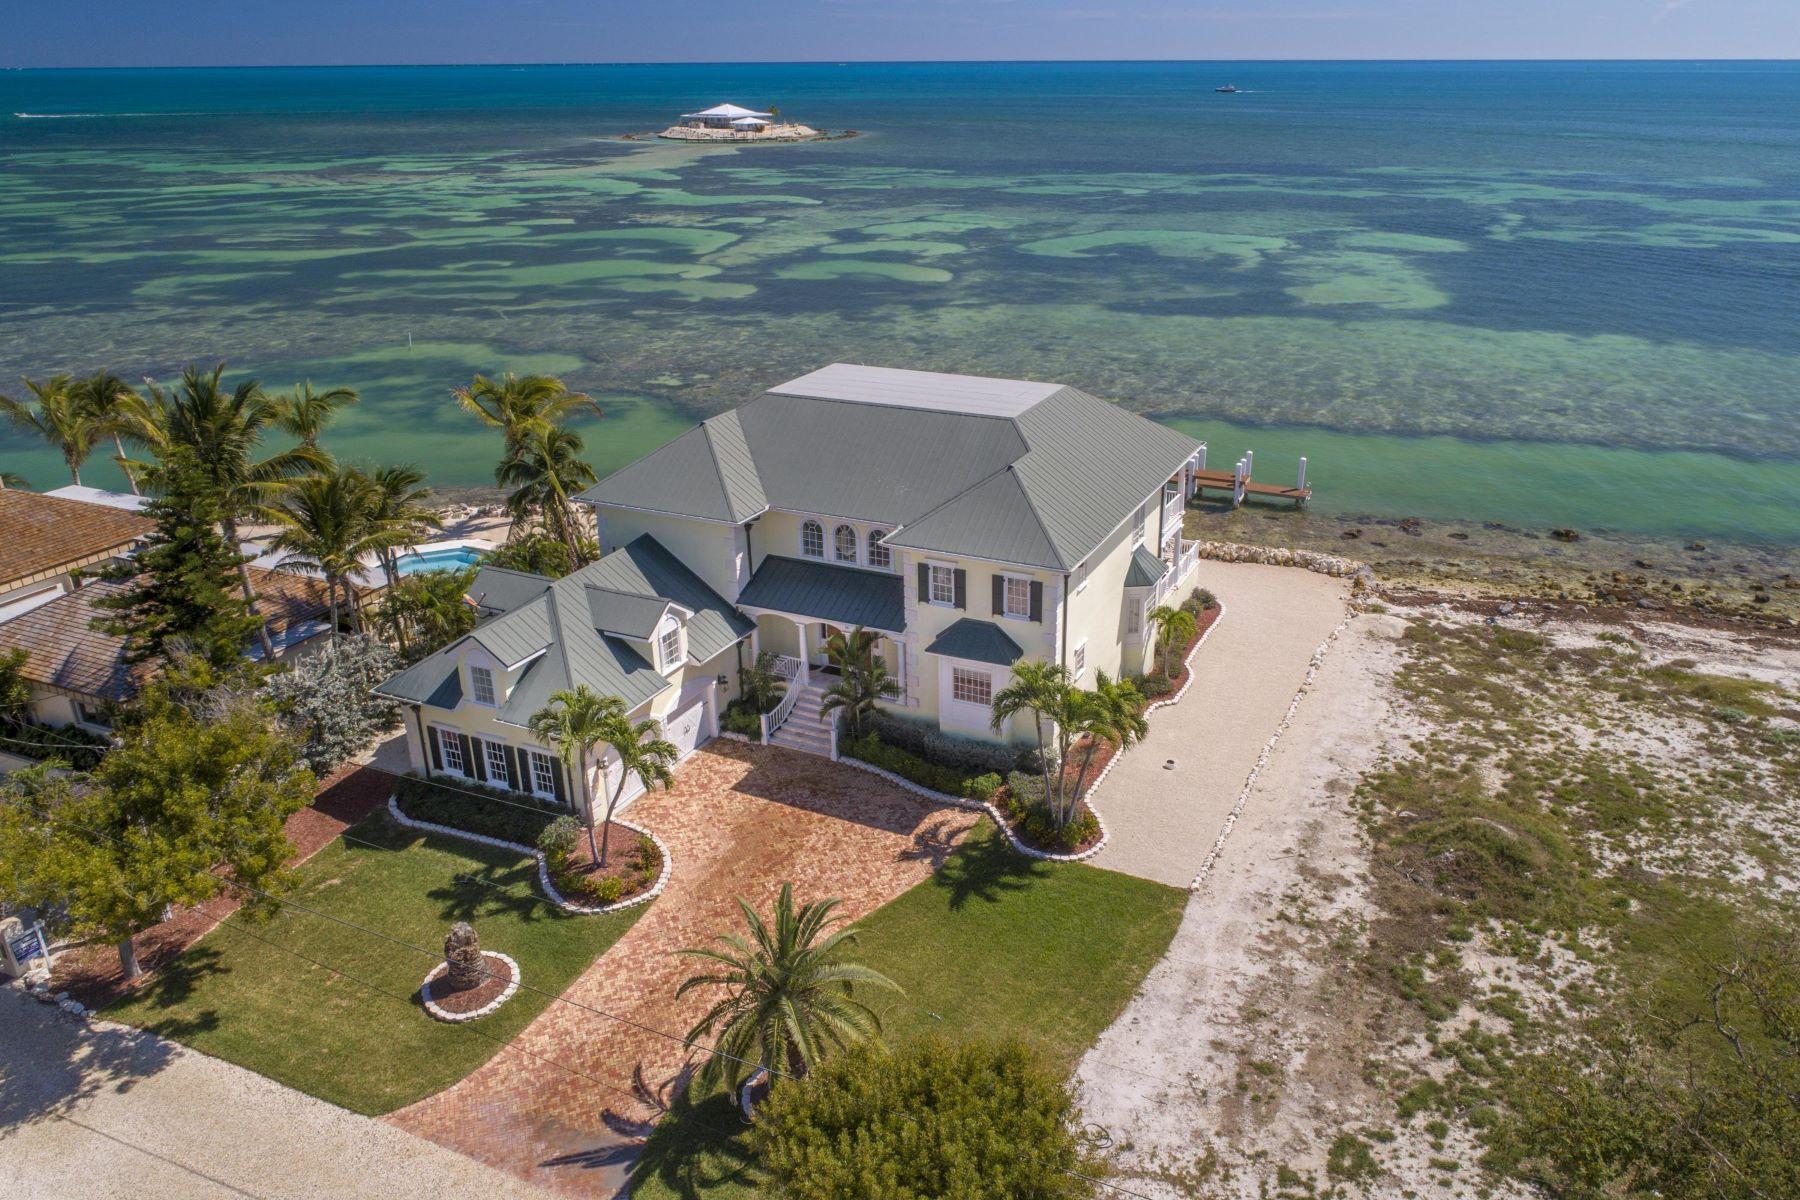 Single Family Homes for Sale at 90 Tingler Lane, Marathon, FL 90 Tingler Lane Marathon, Florida 33050 United States